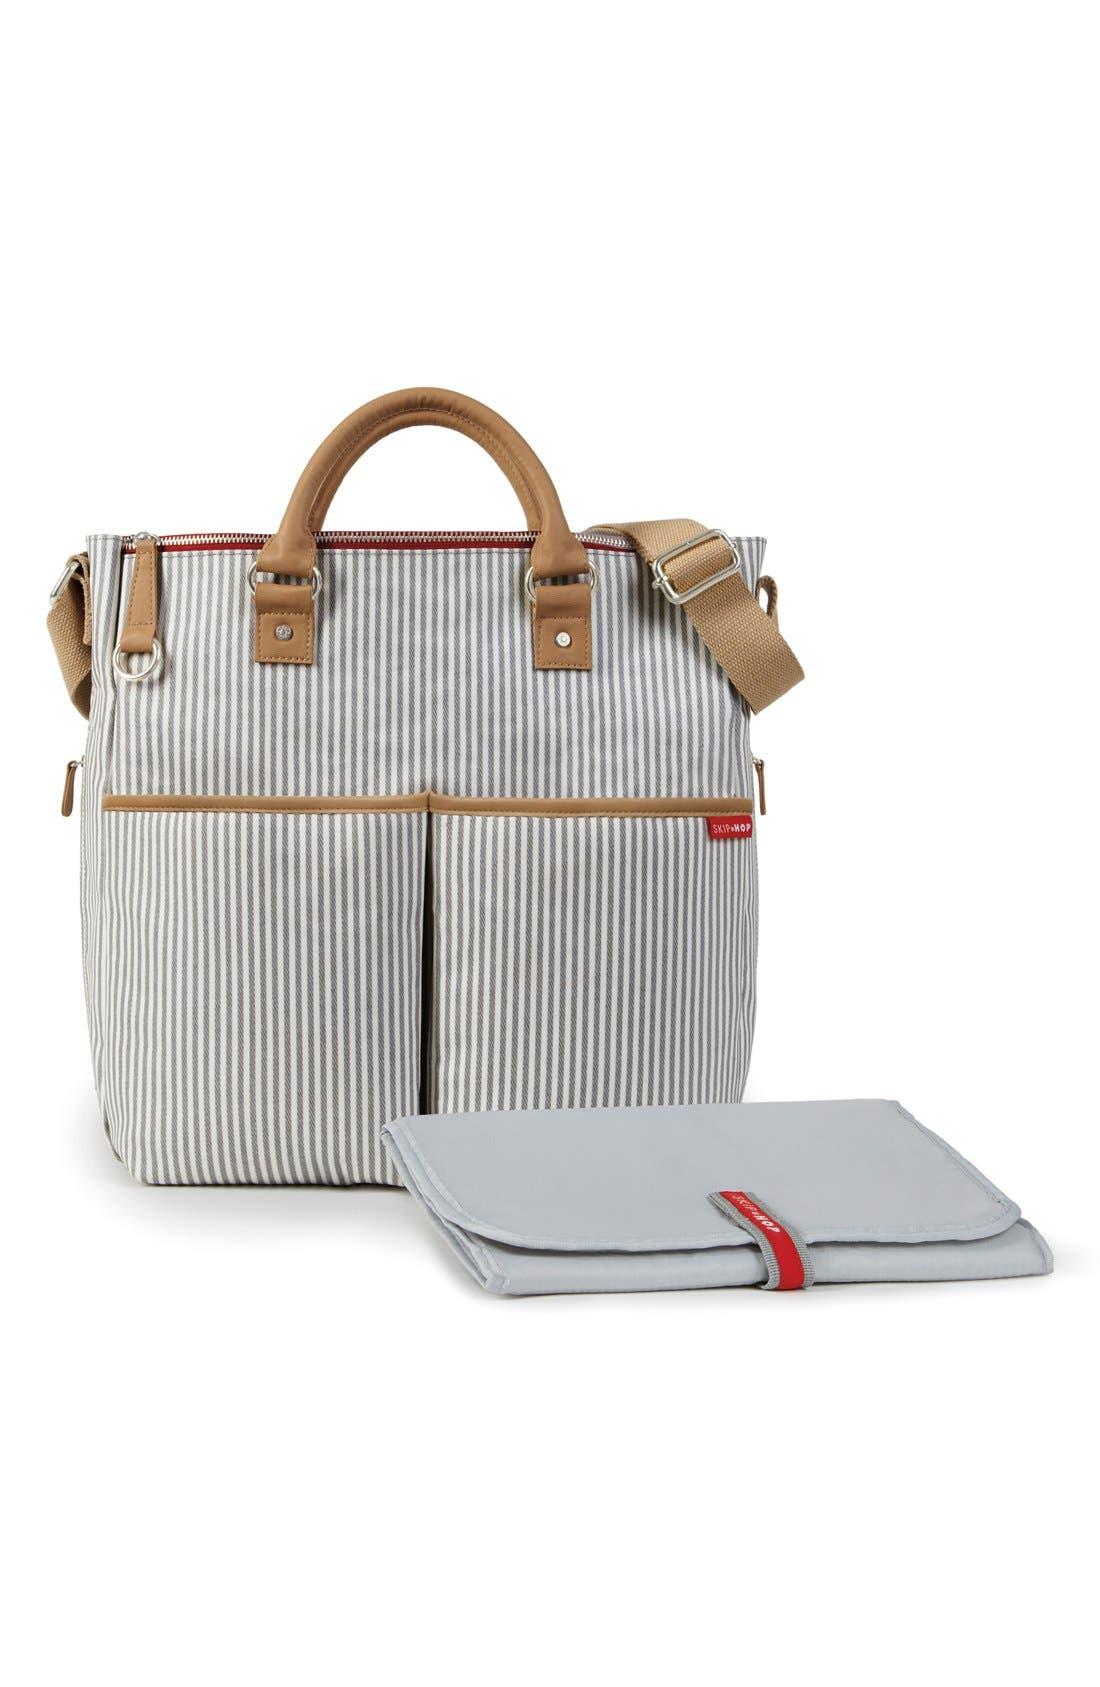 Main Image - Skip Hop 'Duo' Diaper Bag (Nordstrom Exclusive)